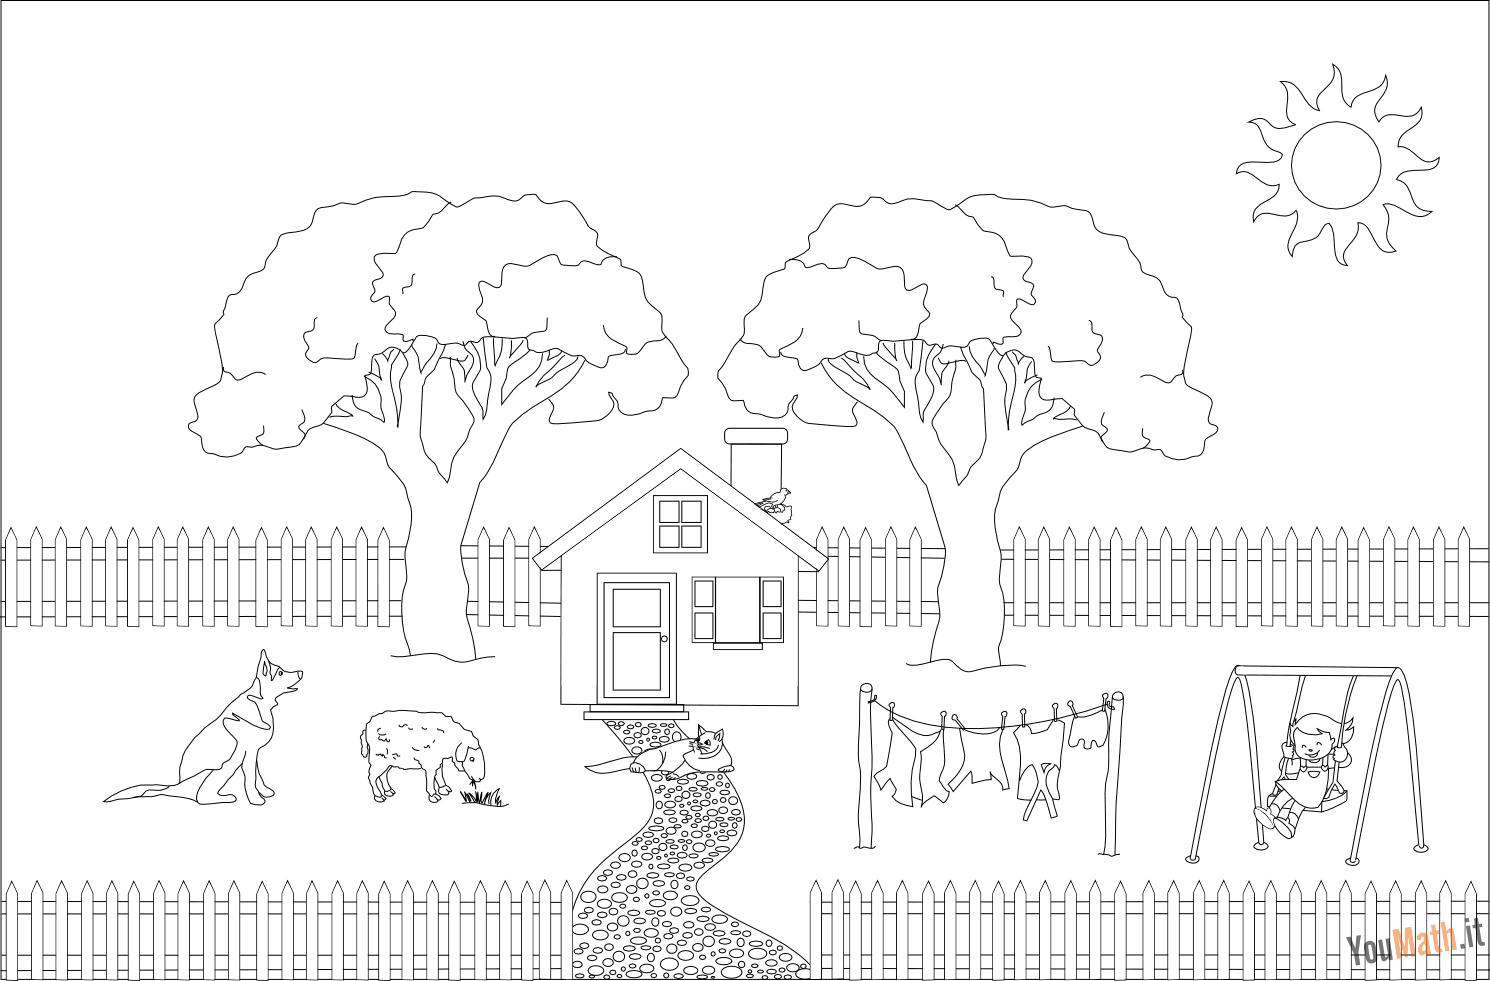 filastrocca con disegno